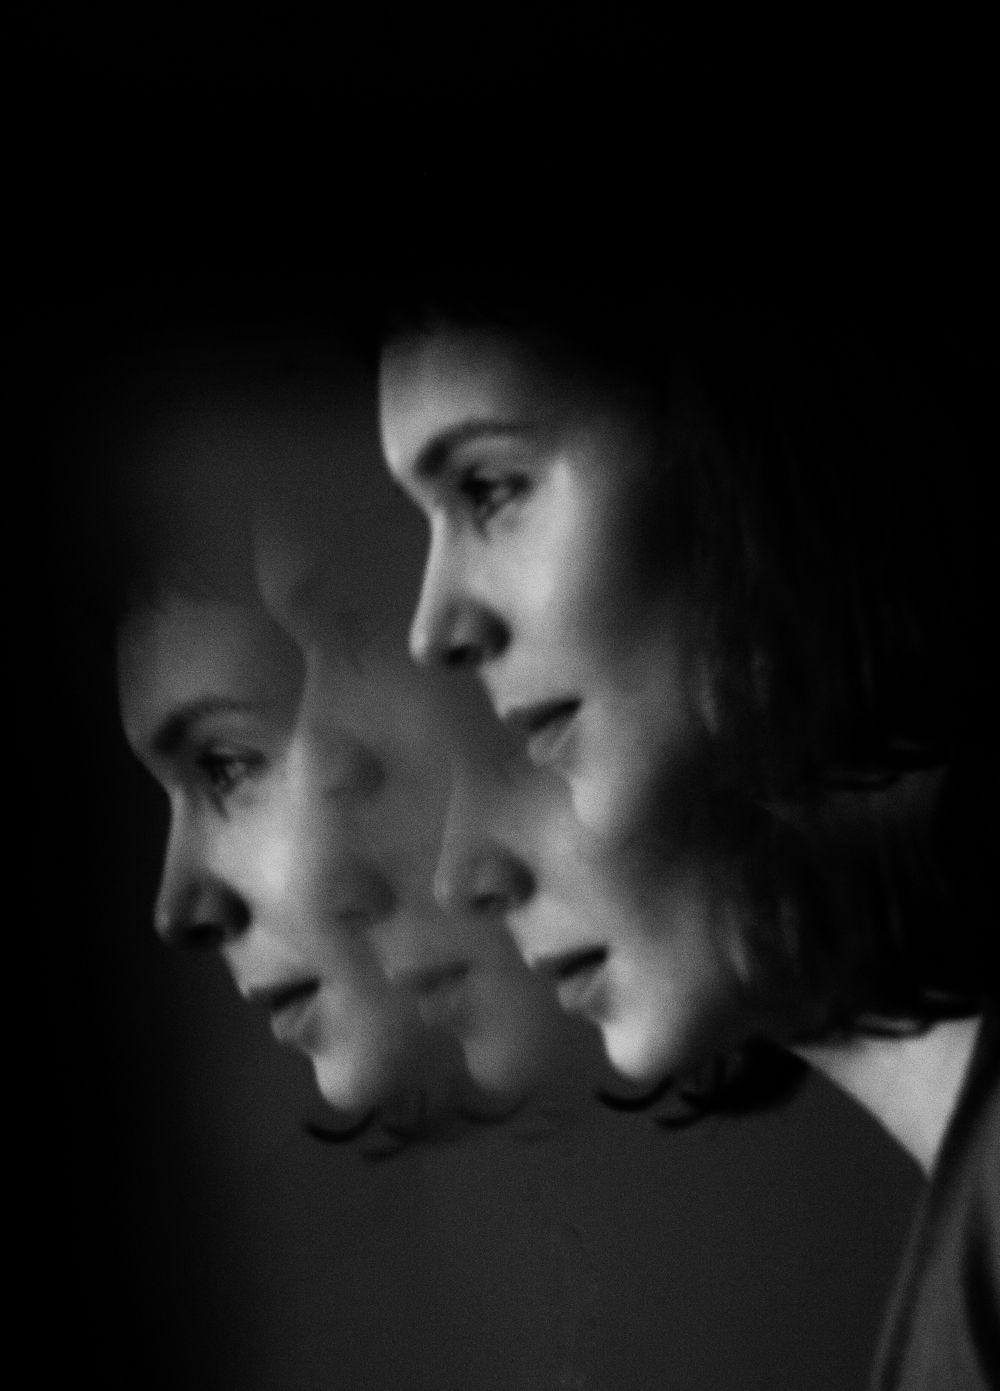 Из зеркала портрет отражение зеркало человек девушка чб лицо